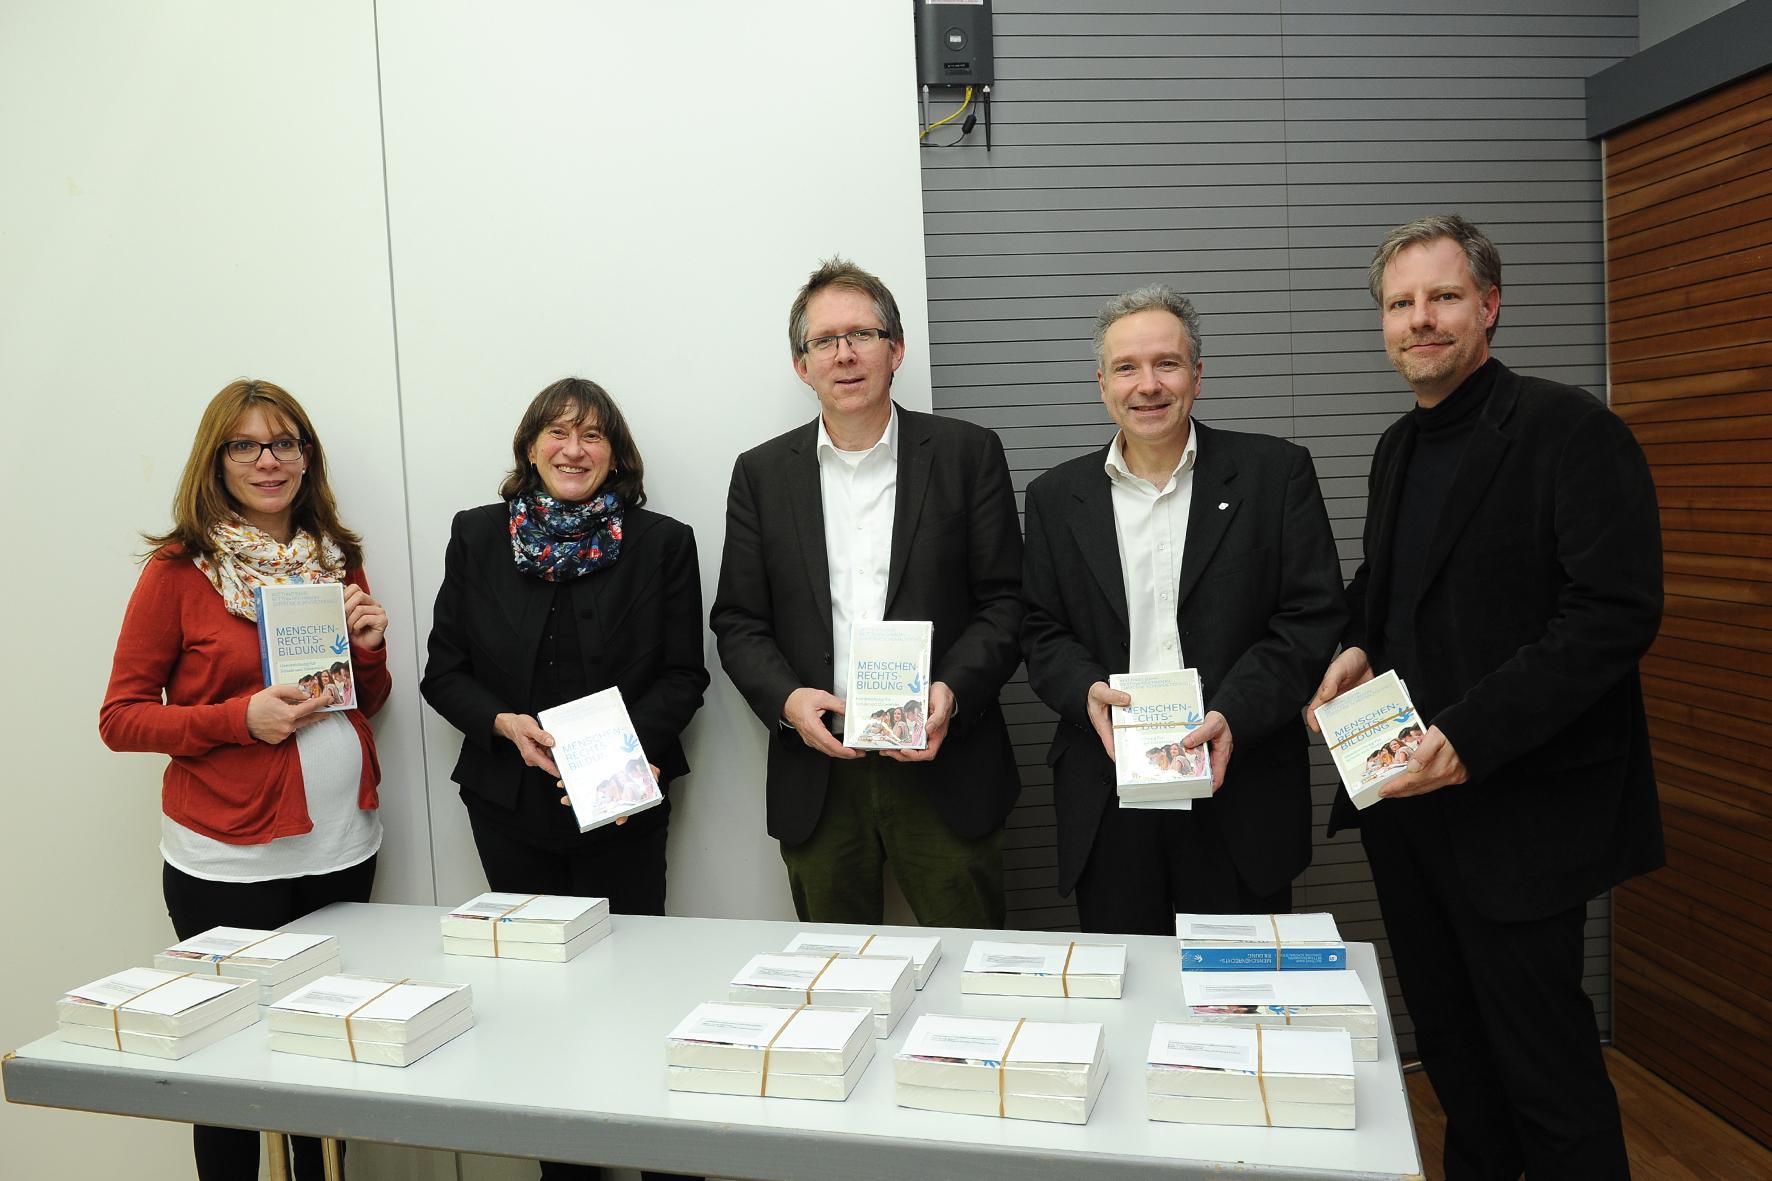 Die Herausgeberinnen und Herausgeber sowie einige Autoren der Handreichung (v.l.n.r.): Dr. Bettina Reichmann, Christine Schowalter, Prof. Dr. Matthias Bahr, Dr. Bernd Engelhart, Dr. Sascha Werthes. Foto: Karin Hiller